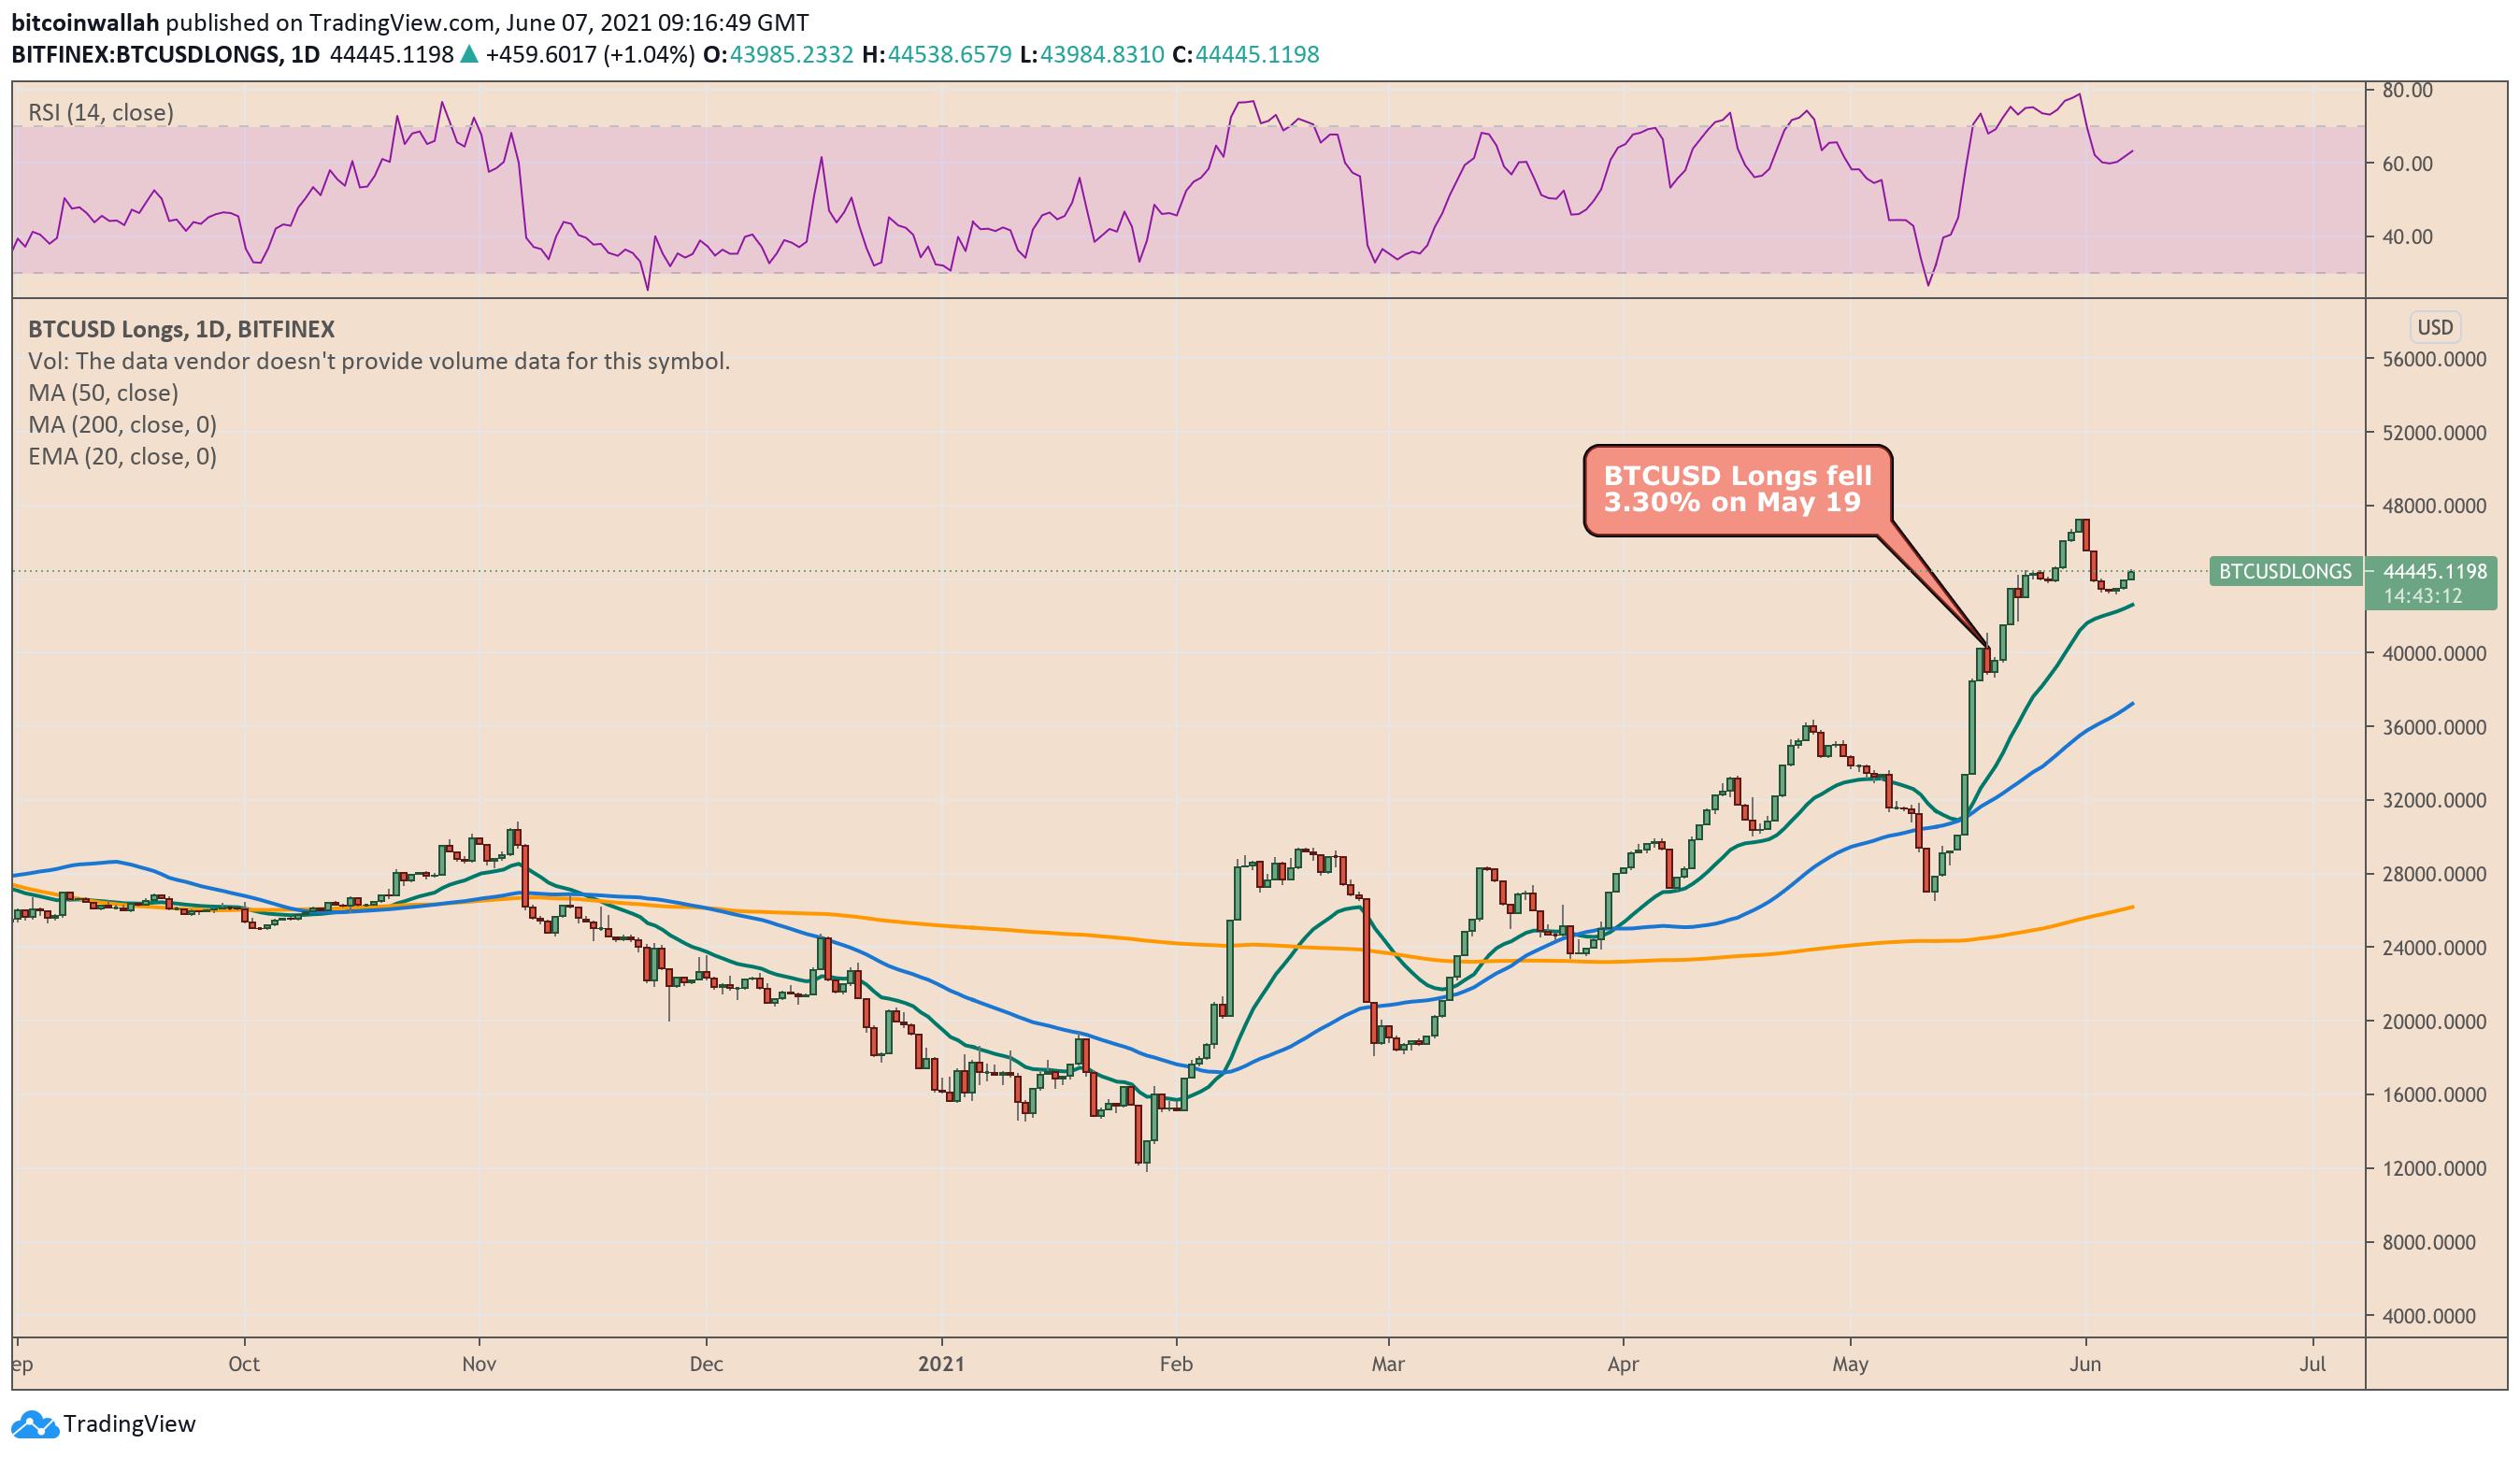 L'esposizione long a Bitcoin su Bitfinex rimane alta nonostante i recenti picchi di posizioni short